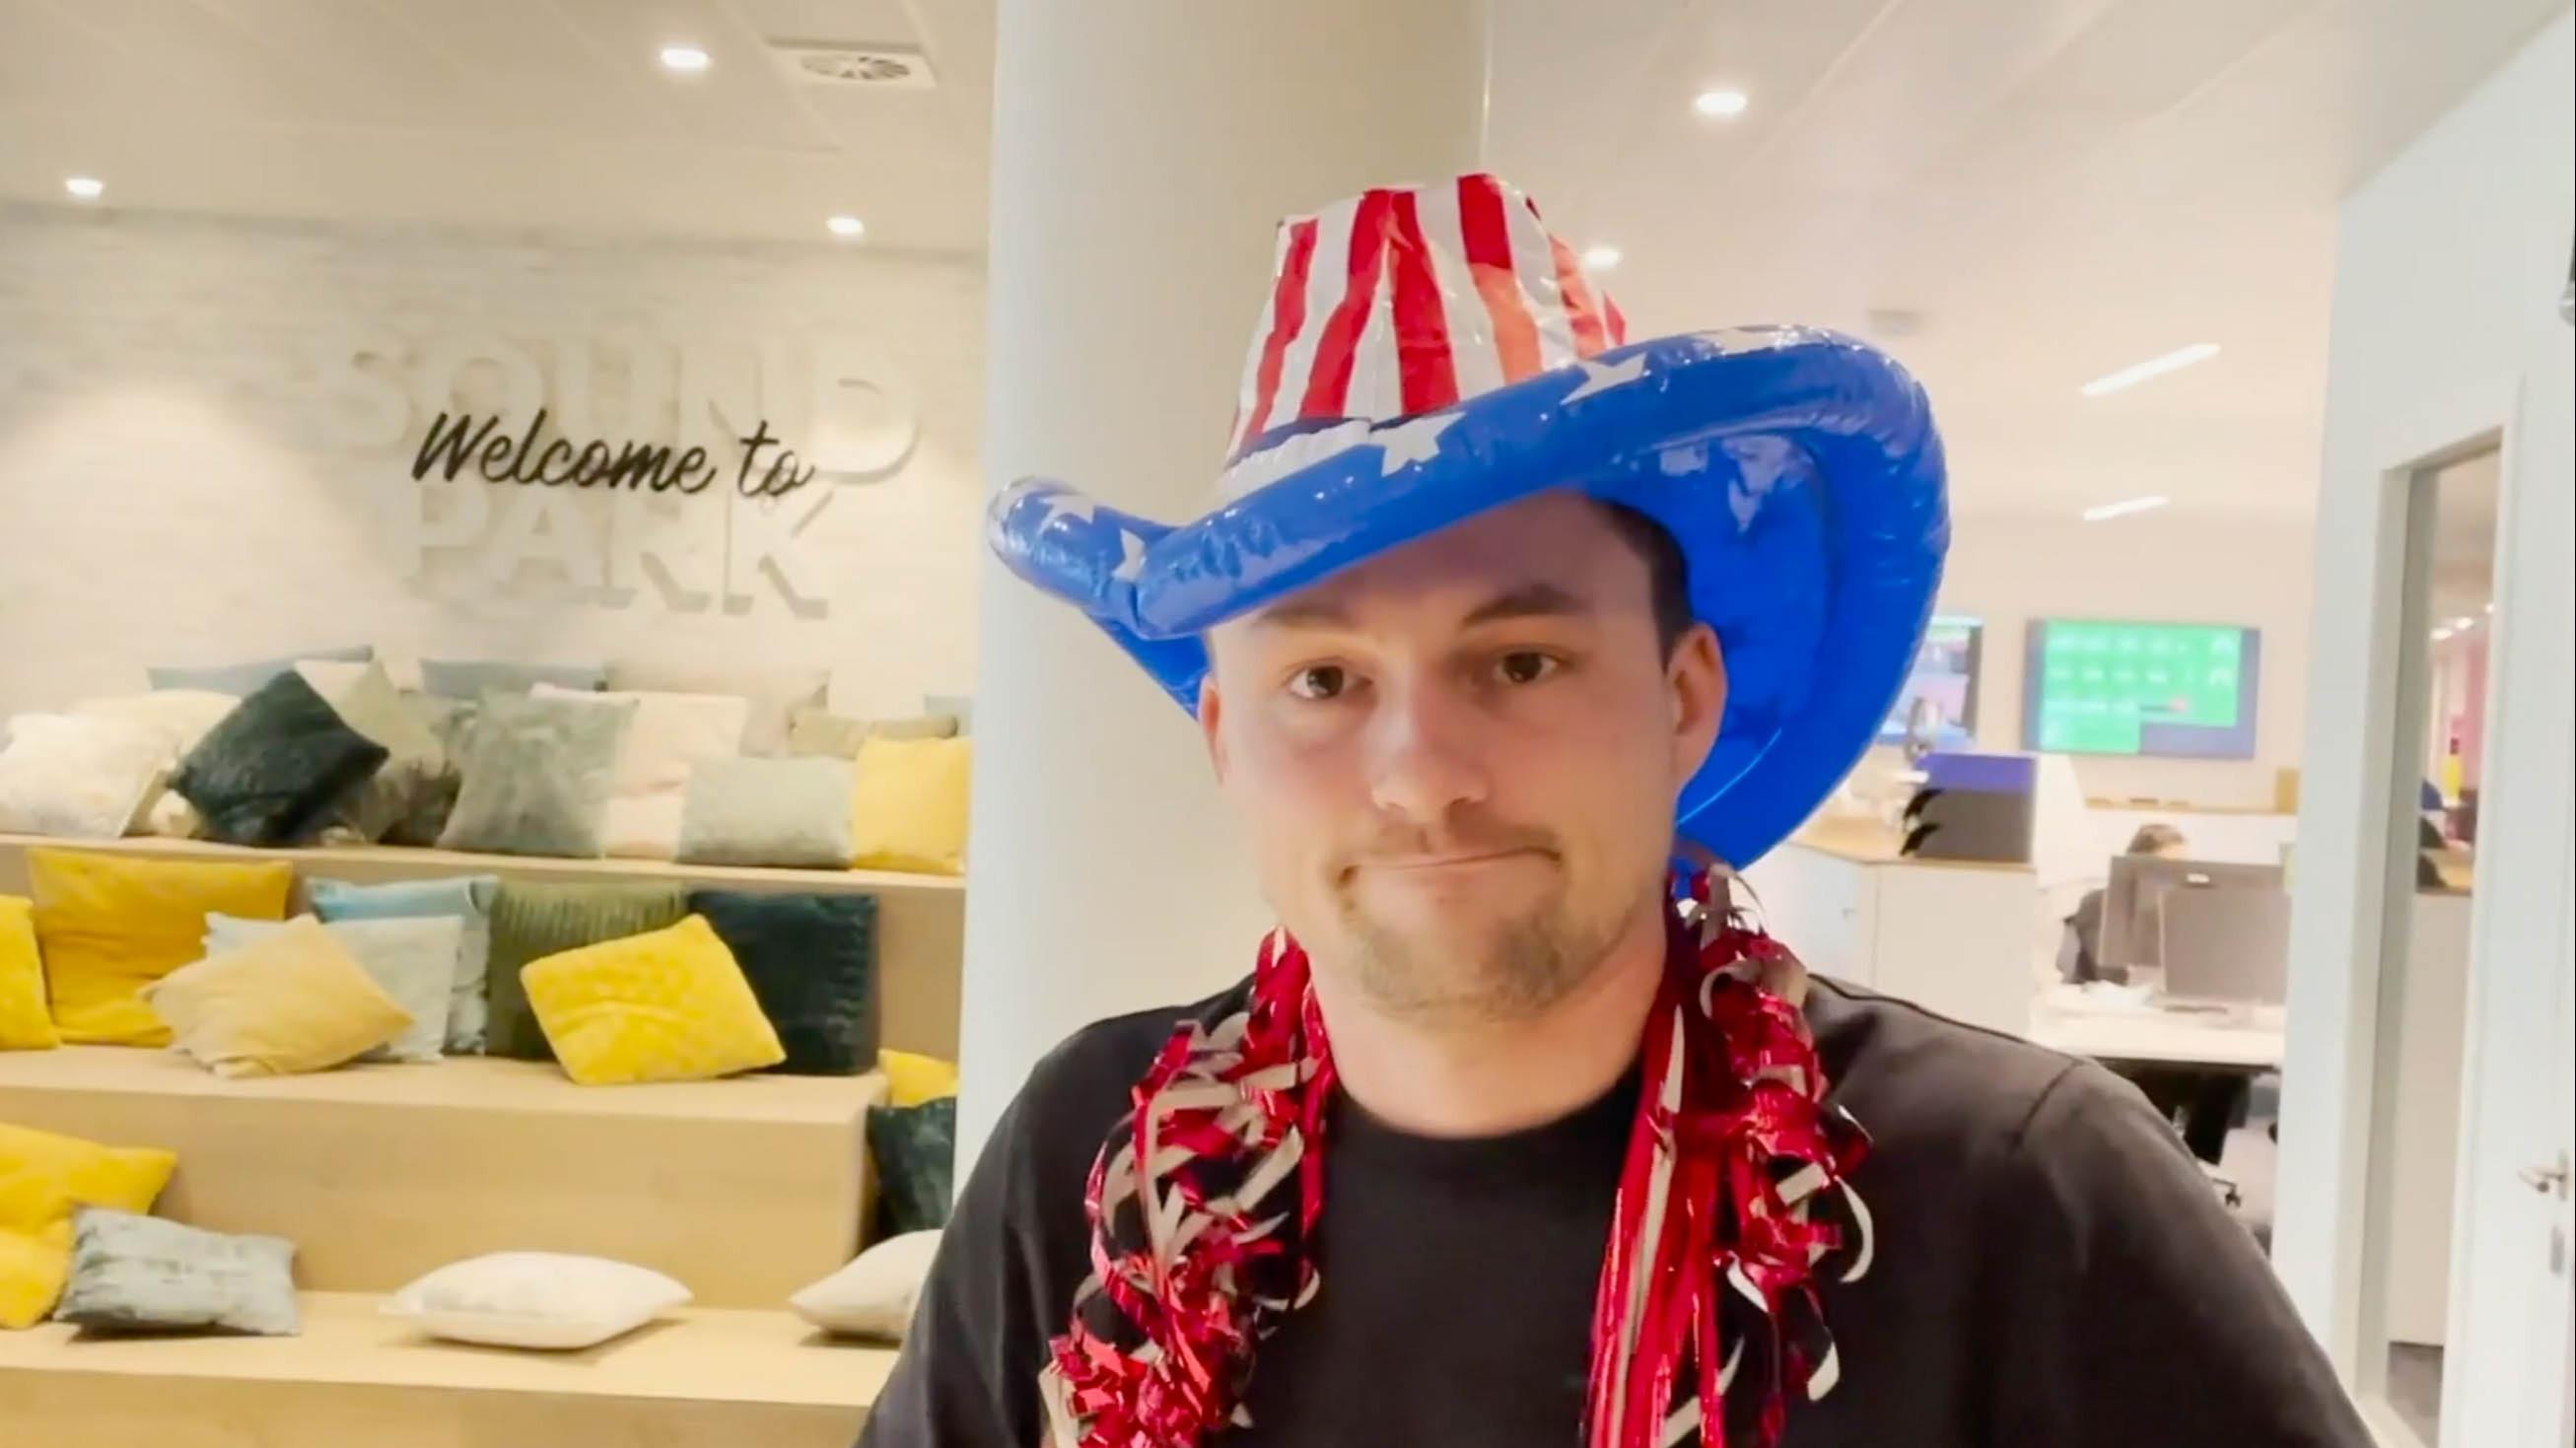 Maarten howdy